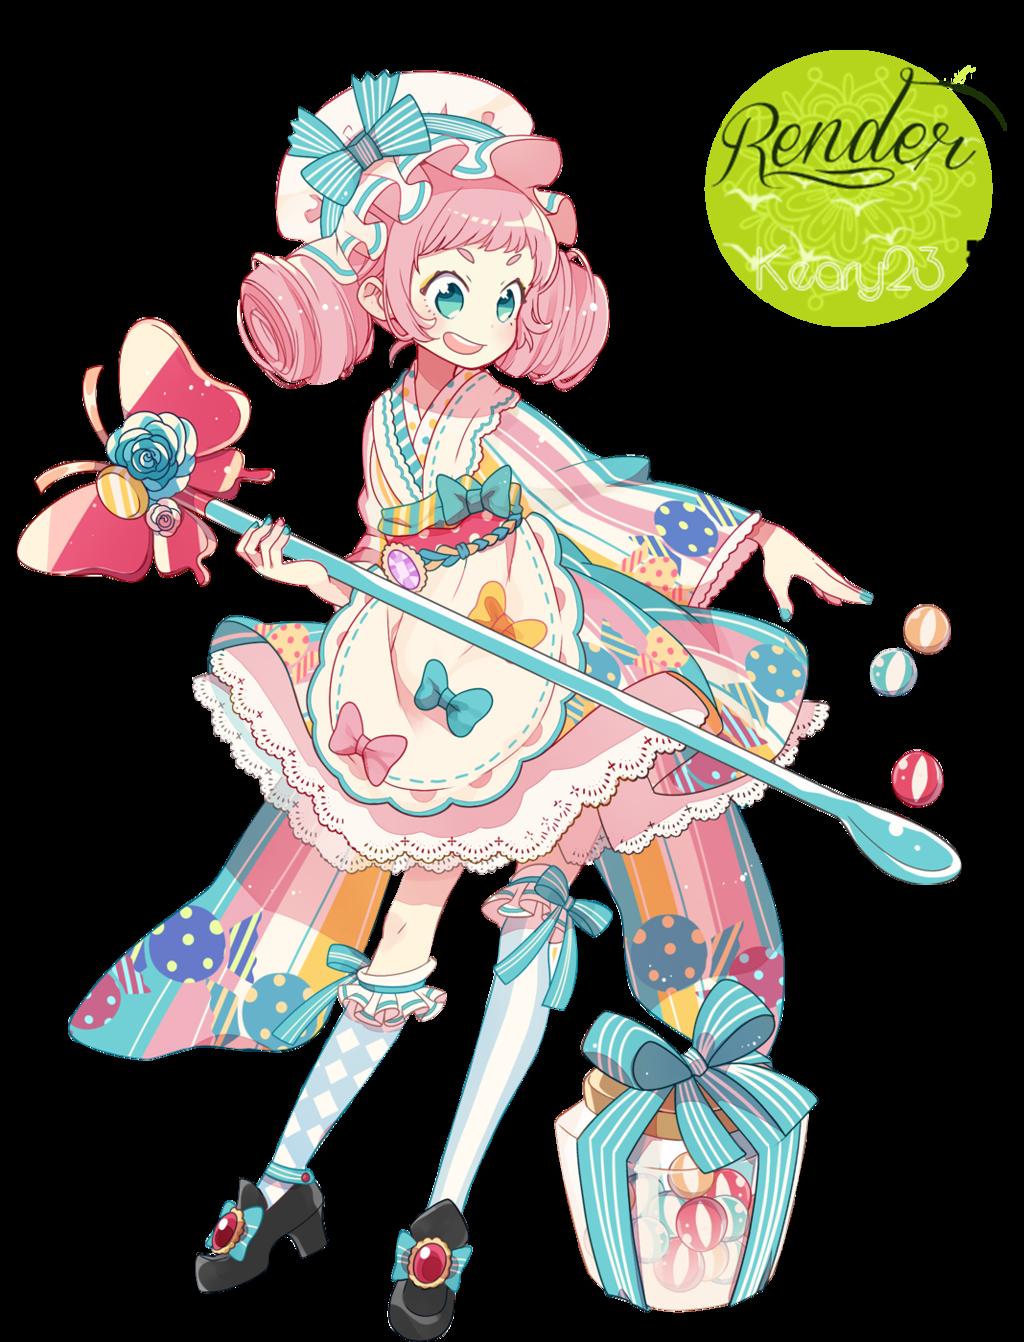 Render 21 Candy girl. by Keary23 on DeviantArt 캐릭터